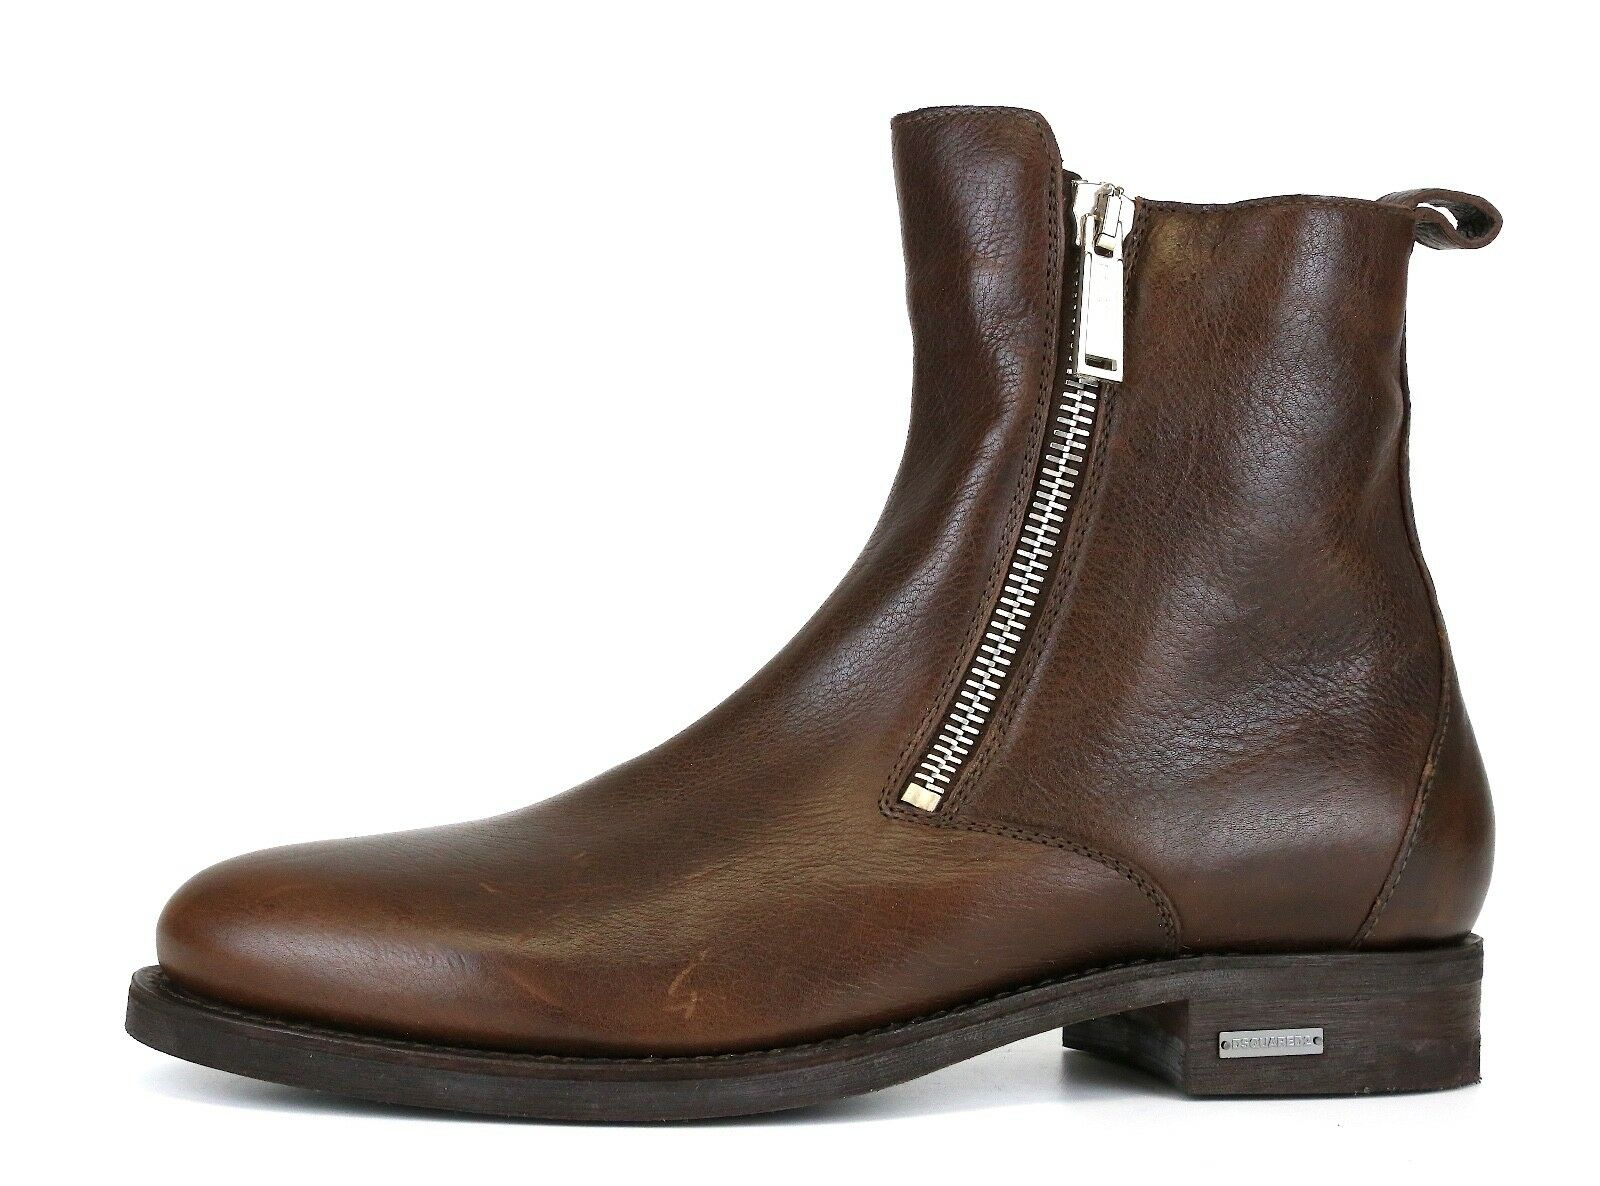 Dsquarojo 2 Doble Cremallera Lateral botas al Tobillo de Cuero Marrón De Hombre